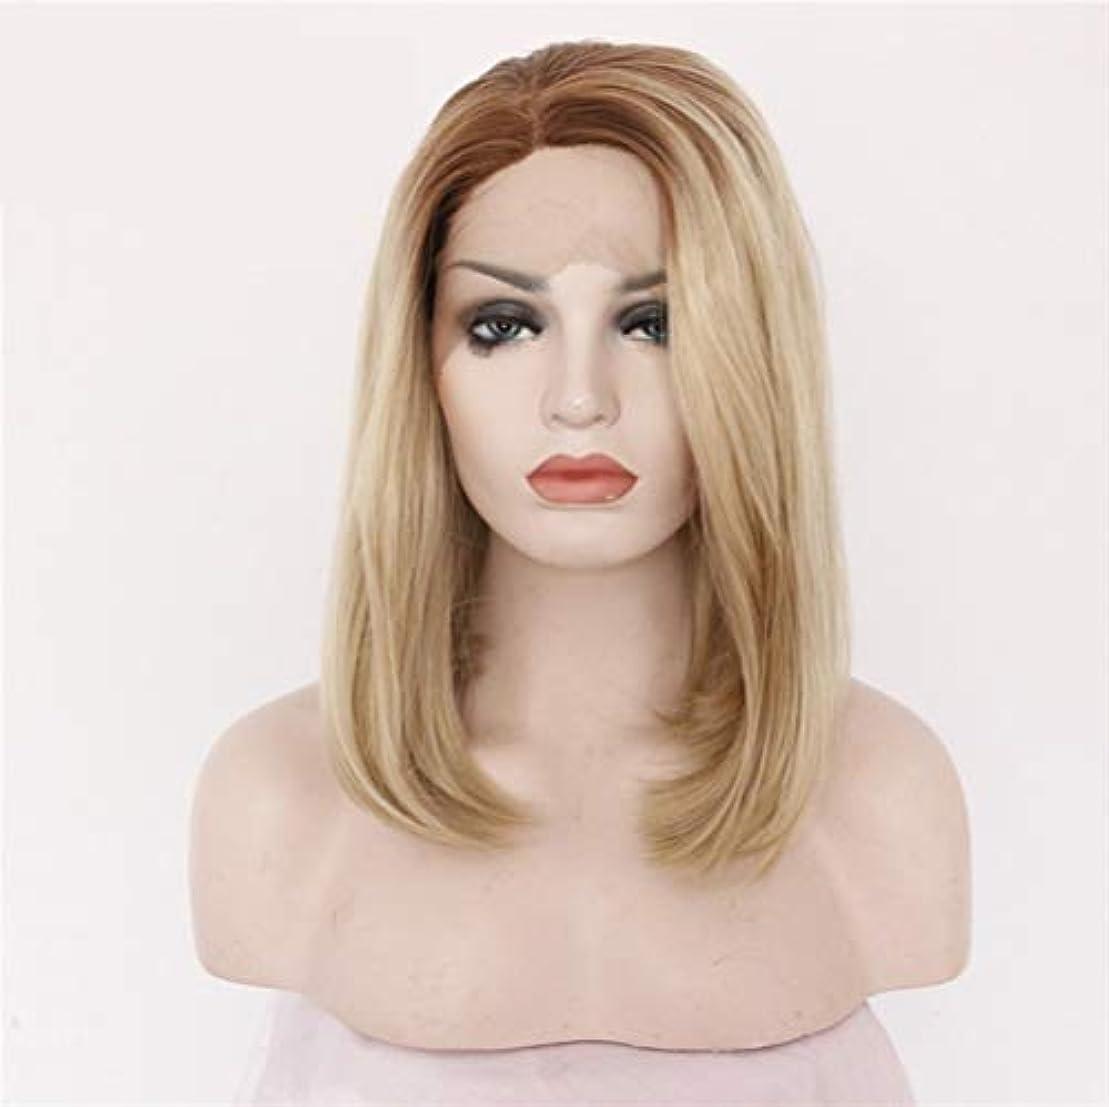 安全でない種類小説かつらストレートボブレースフロントかつら人間の髪の毛プレ摘み取ら自然な生え際付きベビーヘアー130%密度16インチ